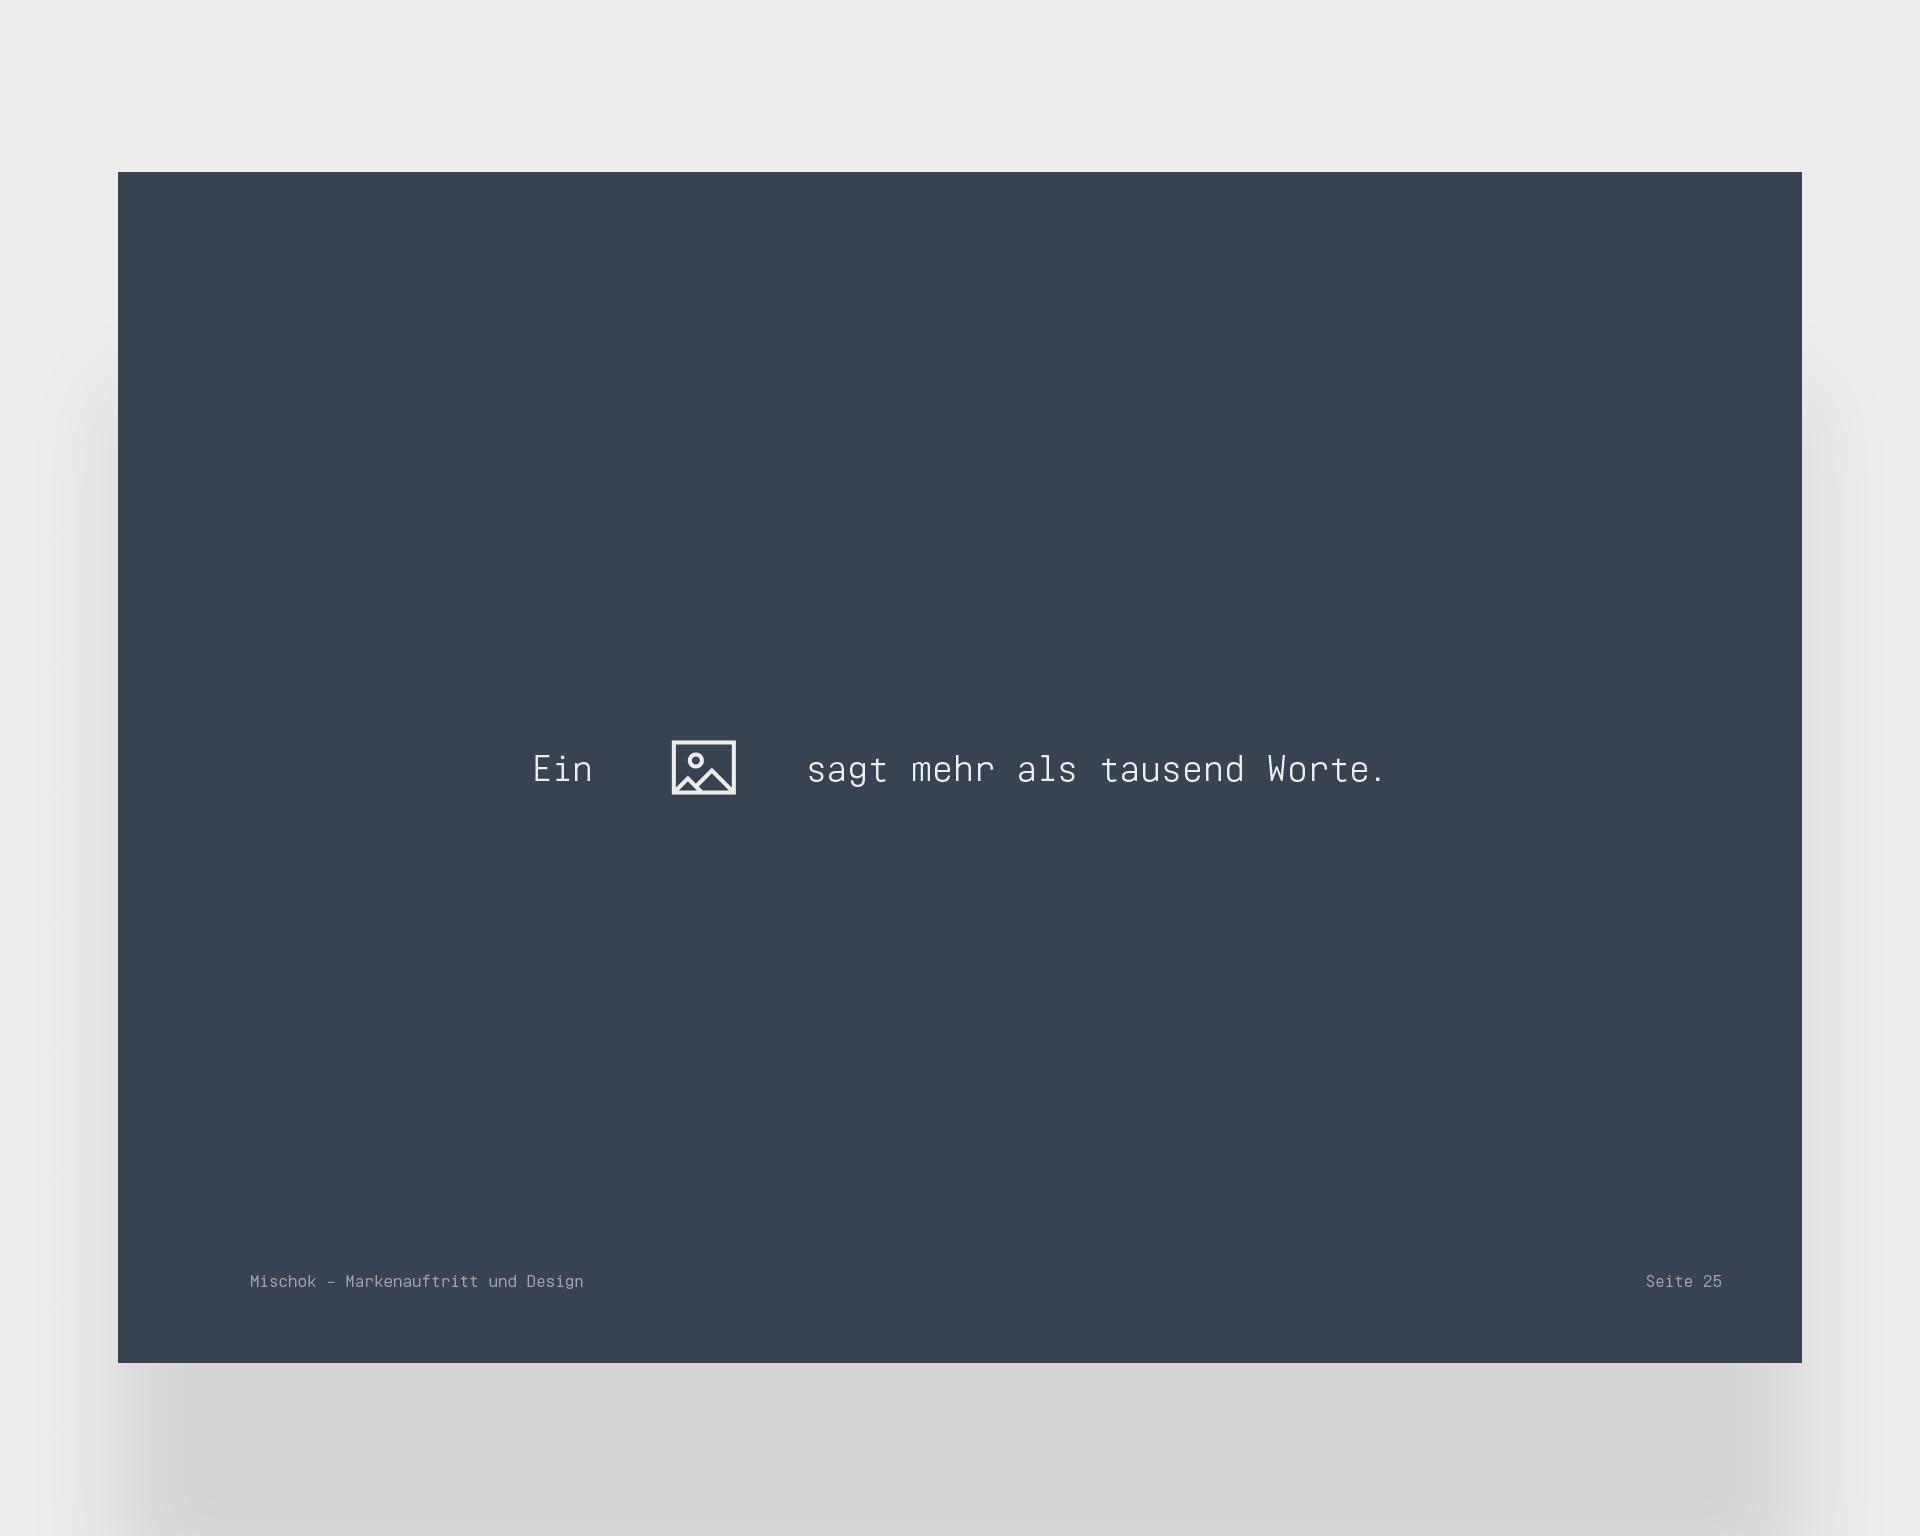 mischok-manual-7_web_xxl